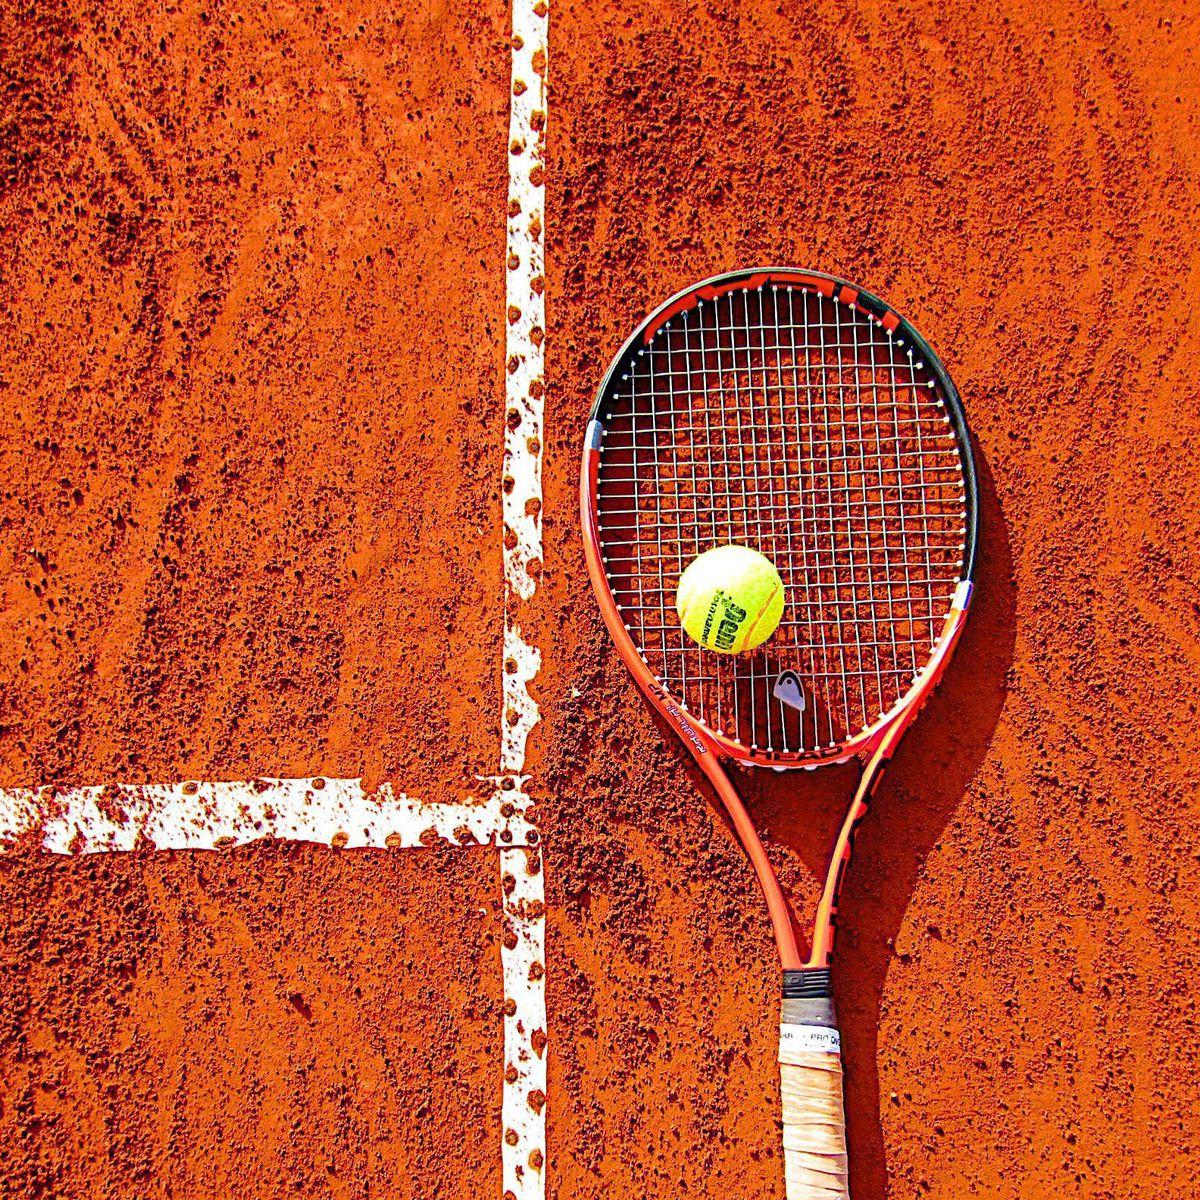 Qui est ce joueur de tennis ? (1)